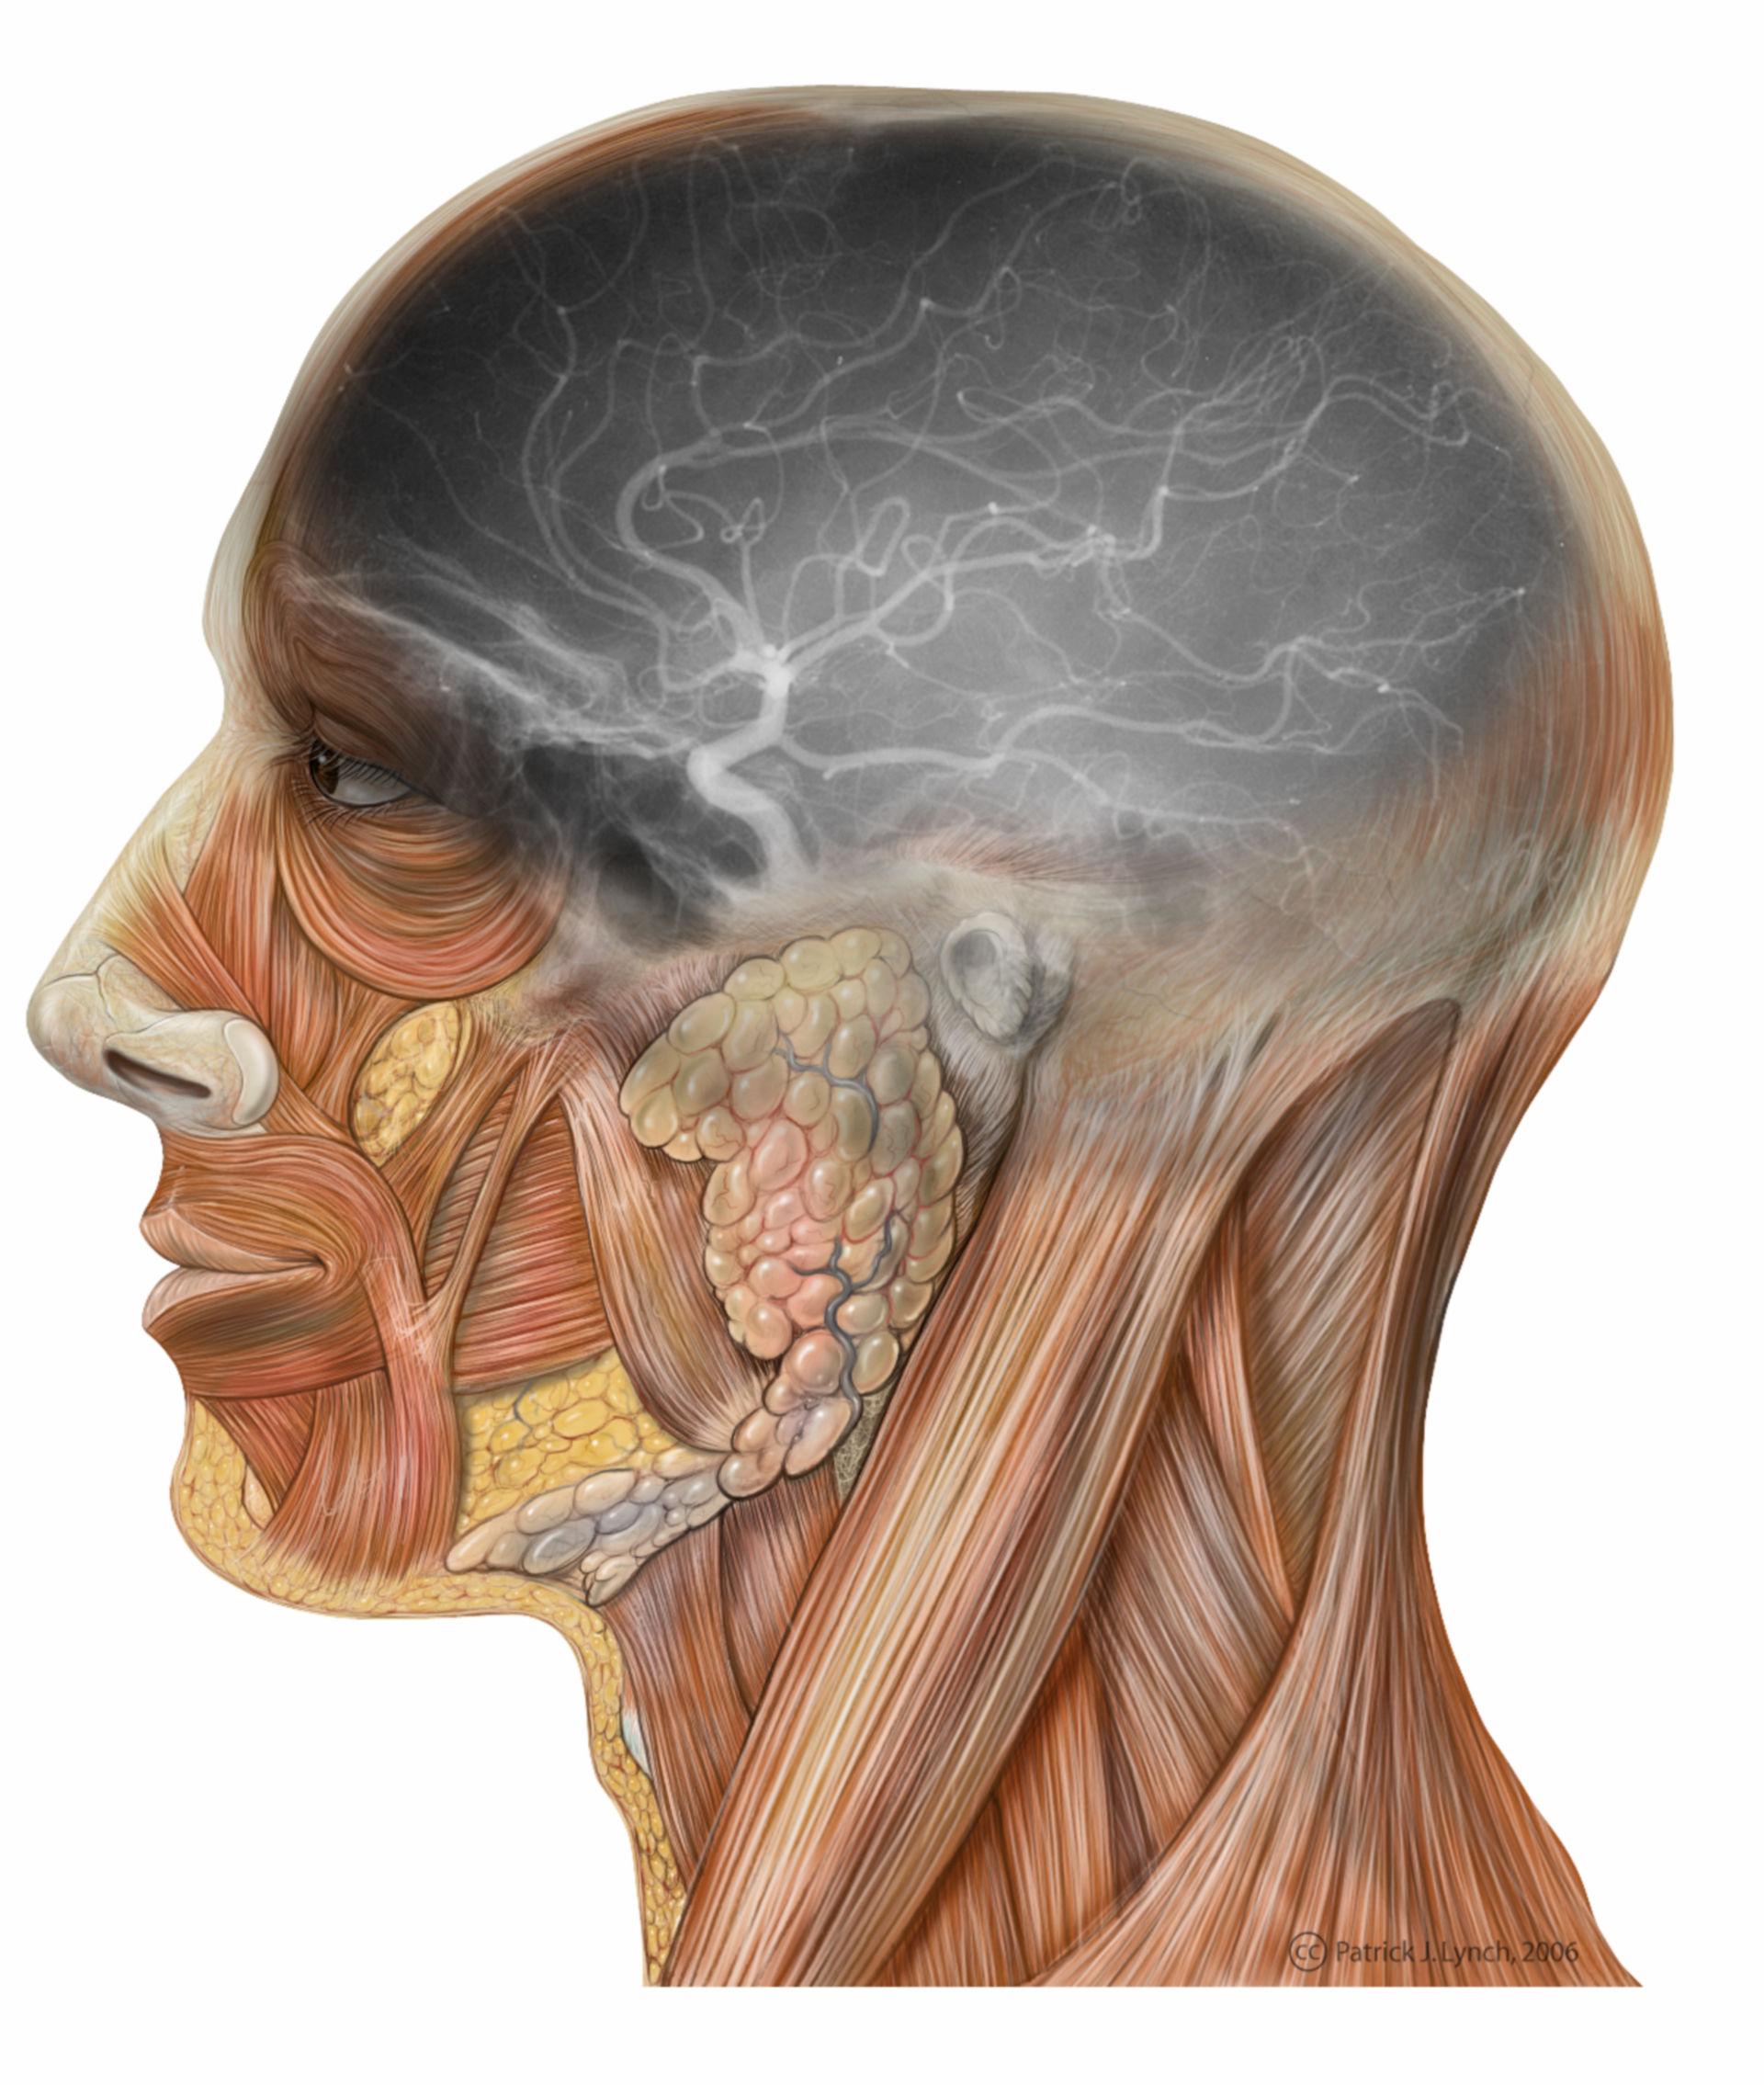 Testa vista laterale con carotide interna